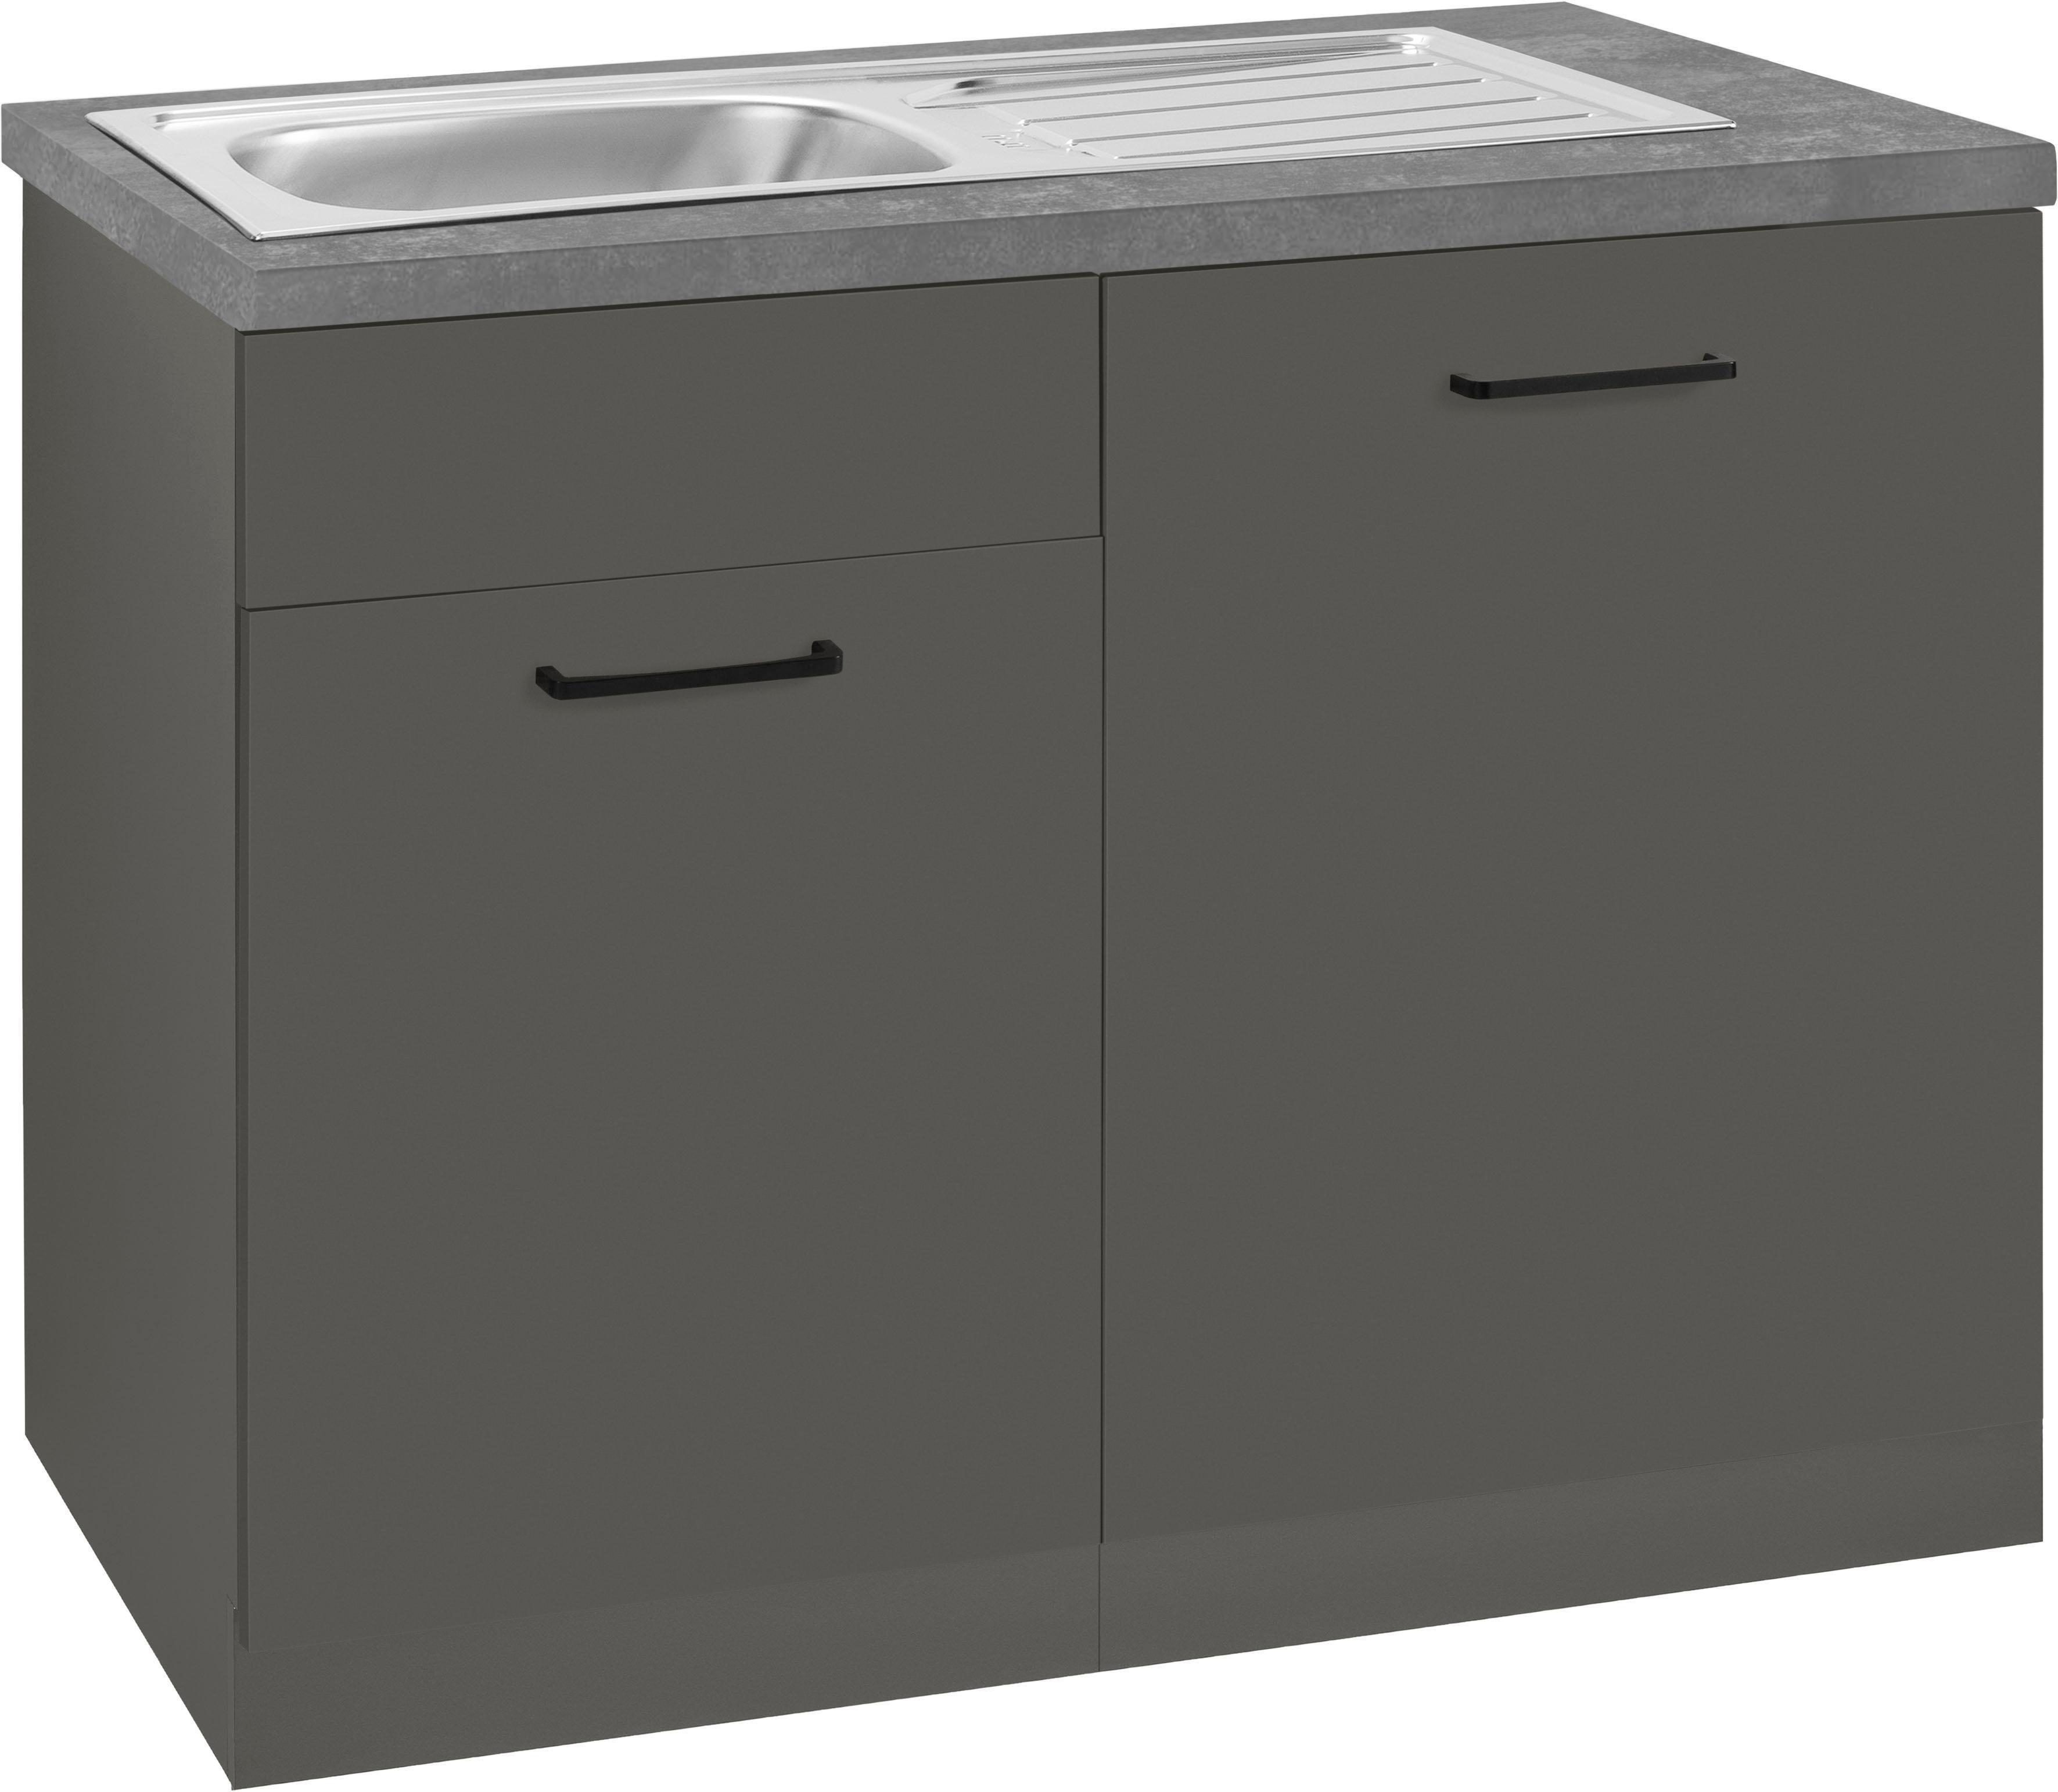 wiho Küchen Spülenschrank Esbo, 110 cm breit, inkl. Tür/Sockel für Geschirrspüler grau Spülenschränke Küchenschränke Küchenmöbel